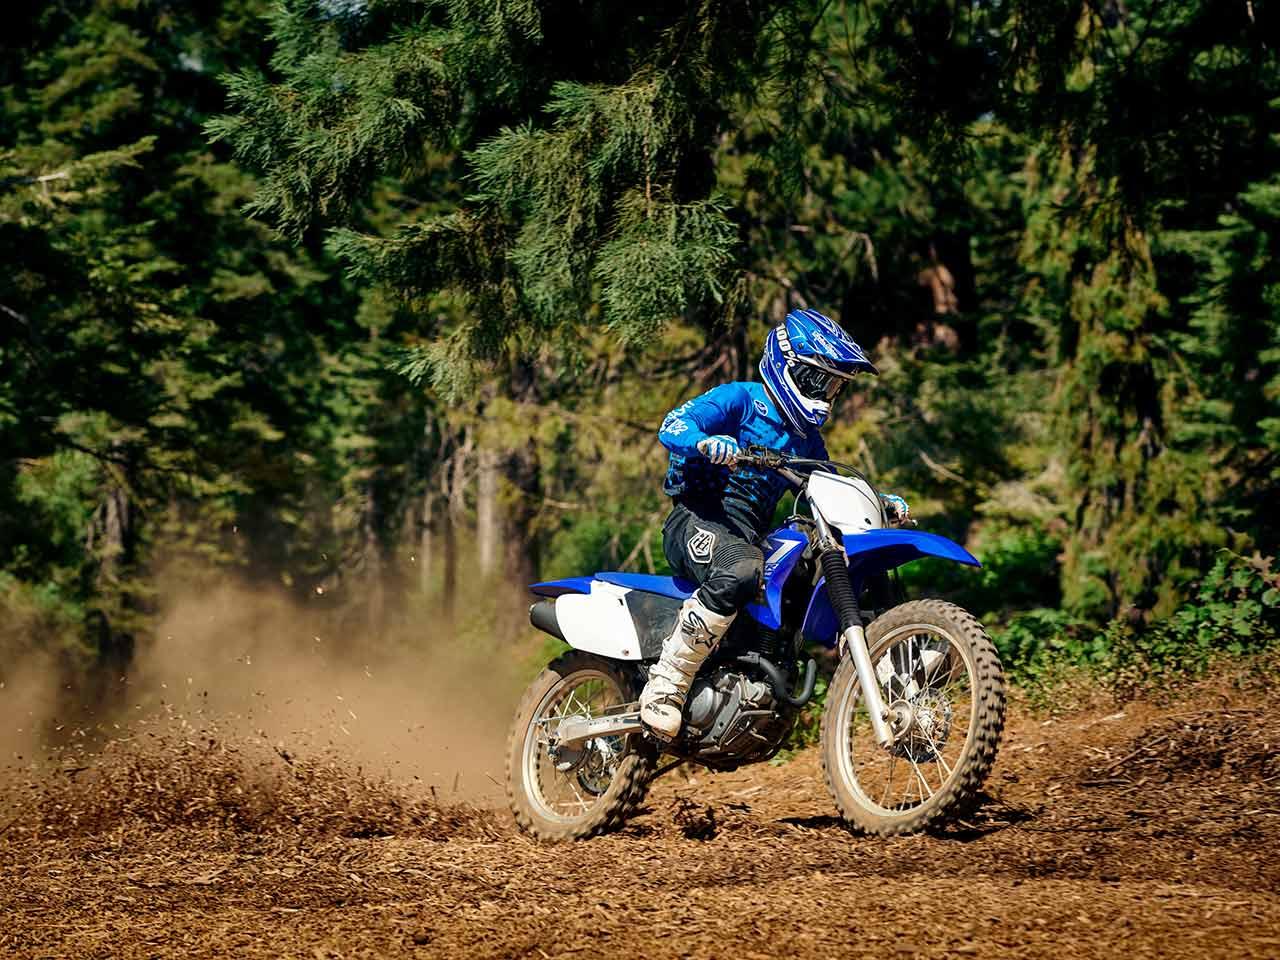 2020 Yamaha TT-R230 Gallery 4